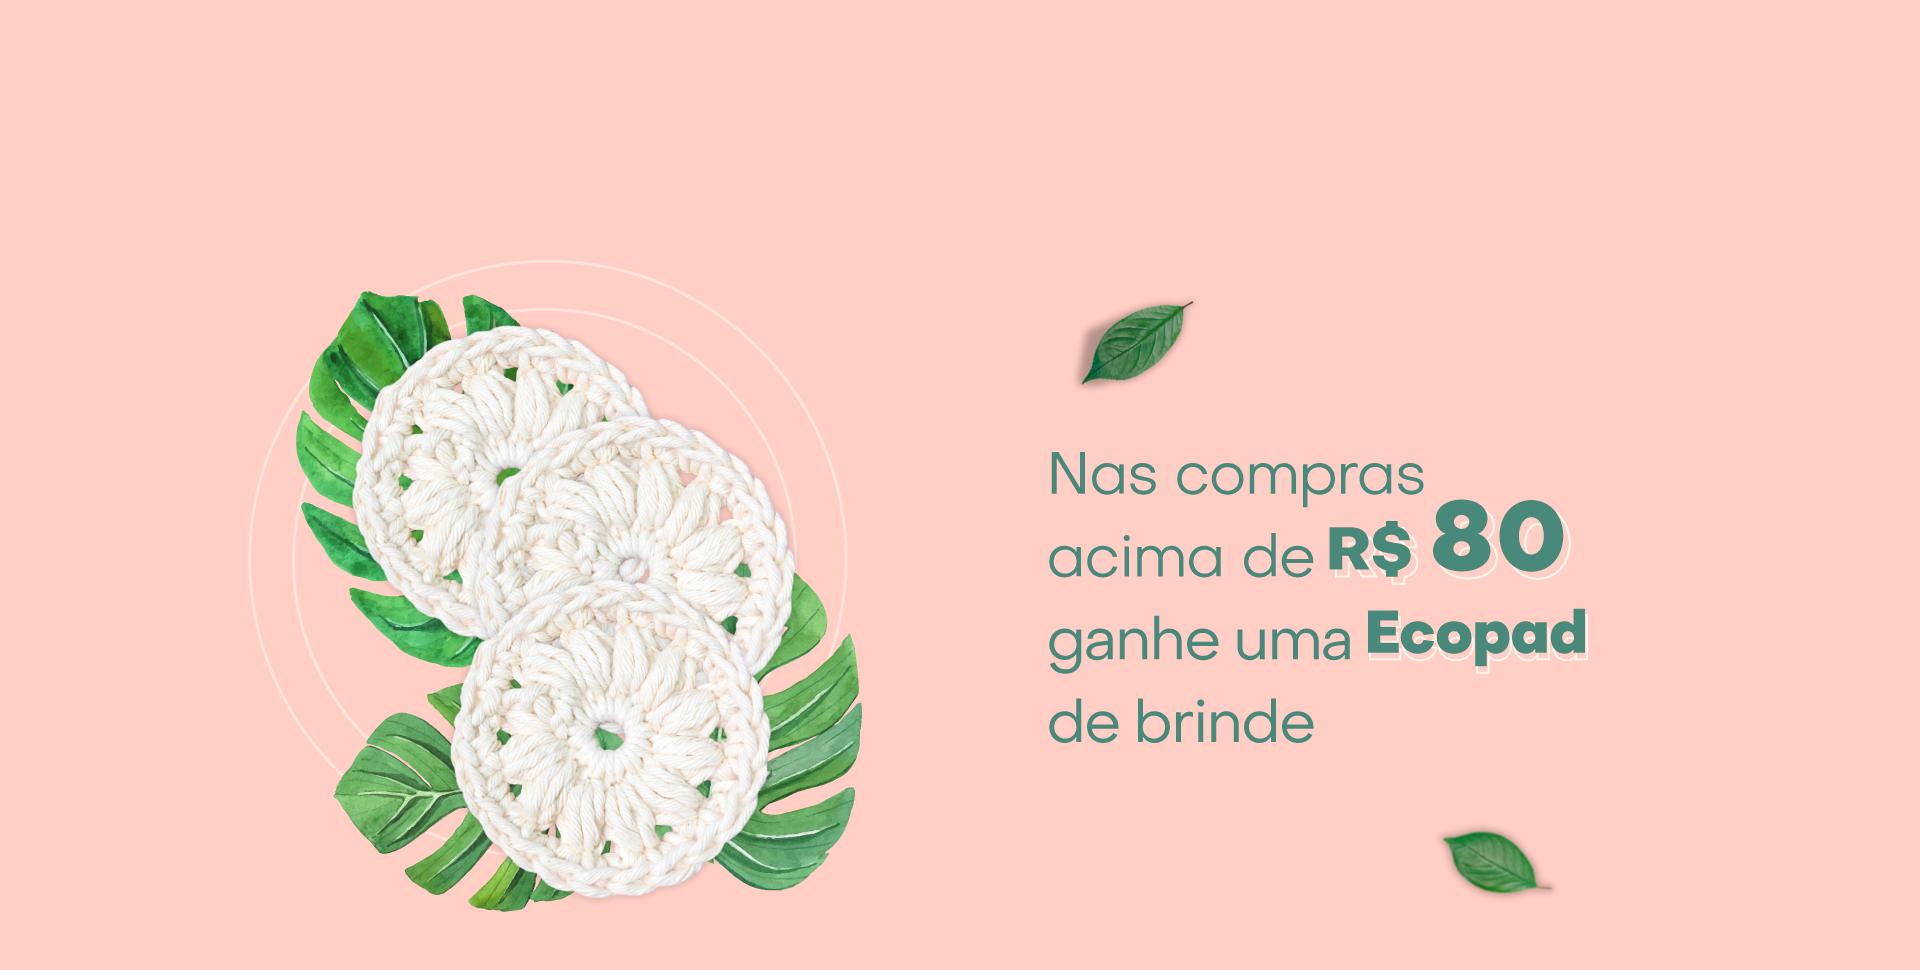 Nas compras acima de R$ 80 reais, ganhe um Ecopad